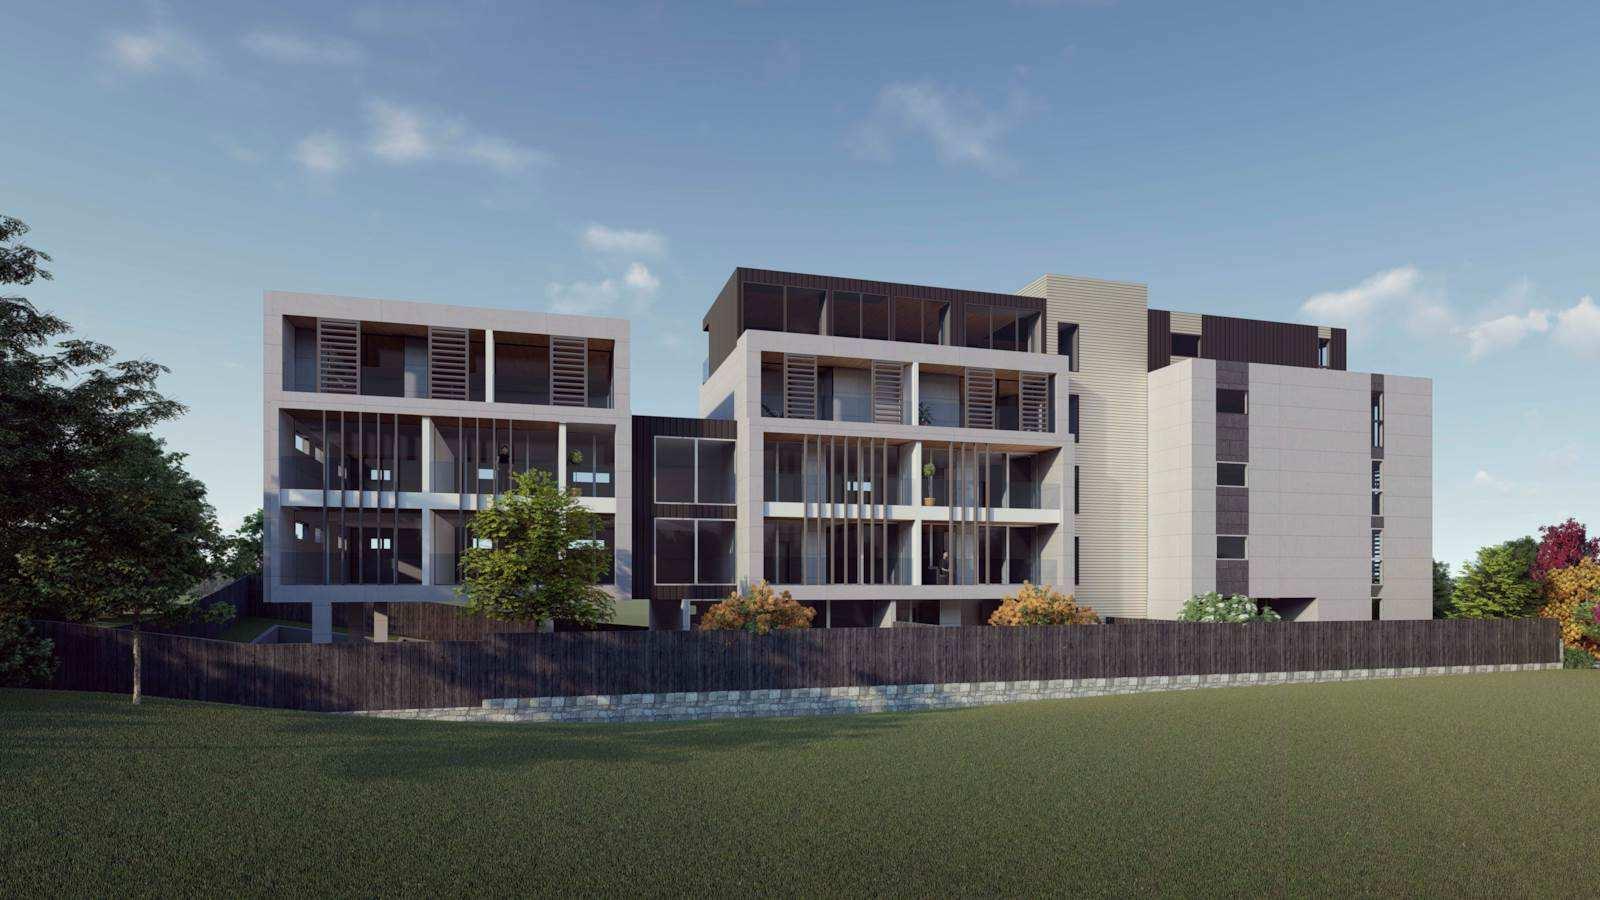 Henderson 2房 精品公寓开发项目 多户型可选 现代优雅设计 中心好地段 设施近咫尺 自住/投资莫错过 A Golden, Boutique Opportunity